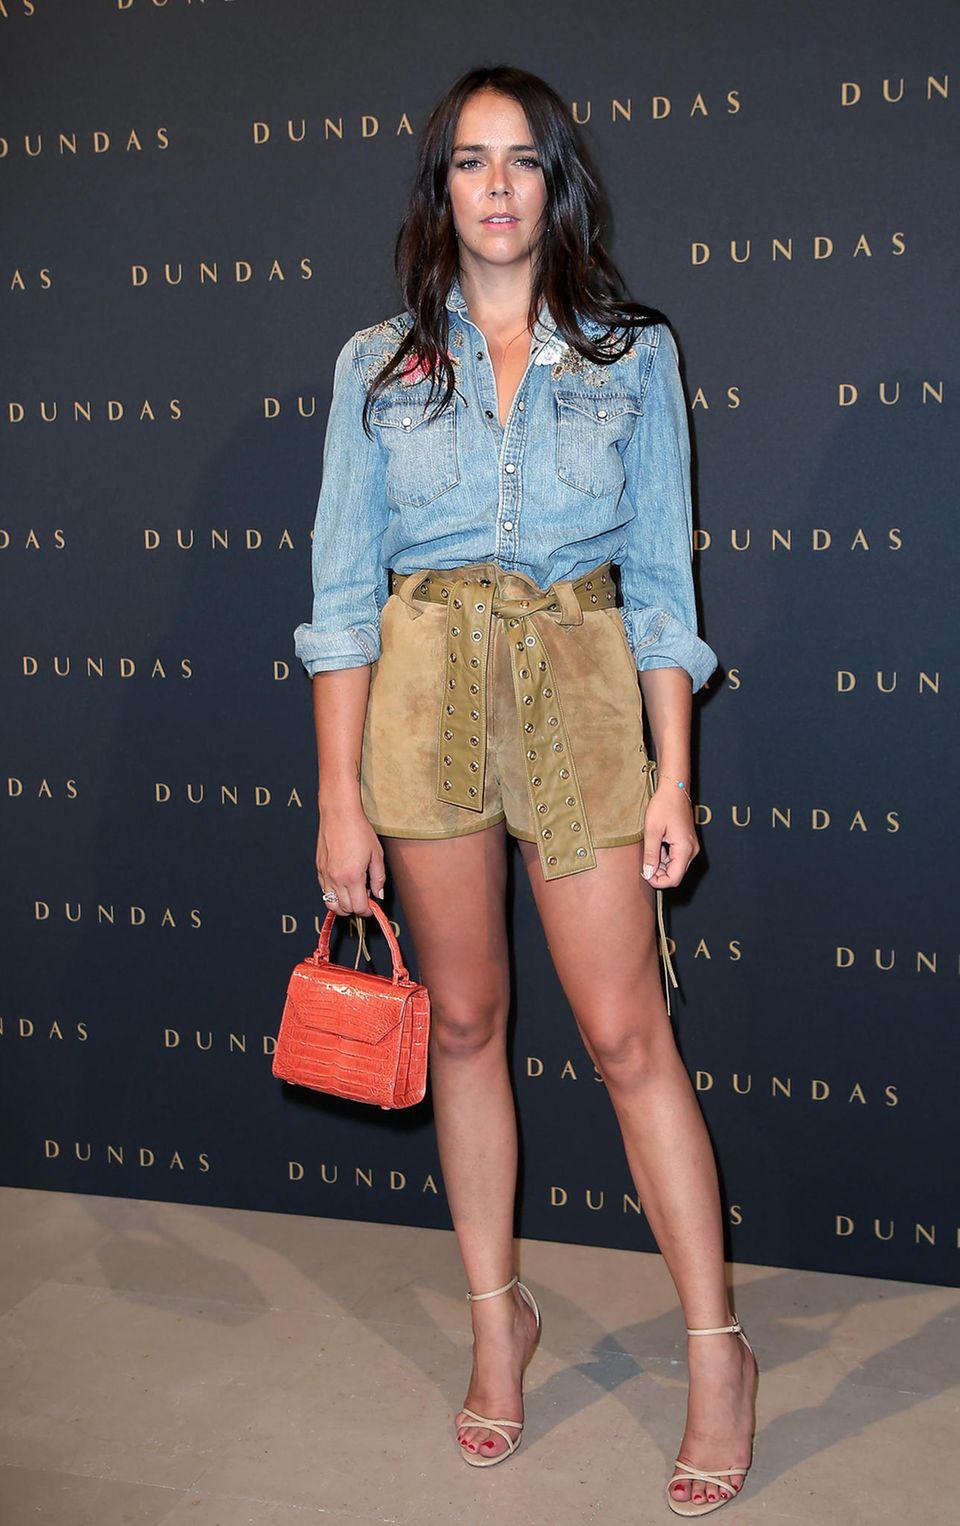 Auch Pauline Ducruet wechselt erneut das Outfit: Für die Dundas-Show trägt sie eine helle Wildledershorts und ein Jeans-Hemd. Dazu kombiniert sie eine kleine Tasche in Orange und helle Riemchen-Heels.